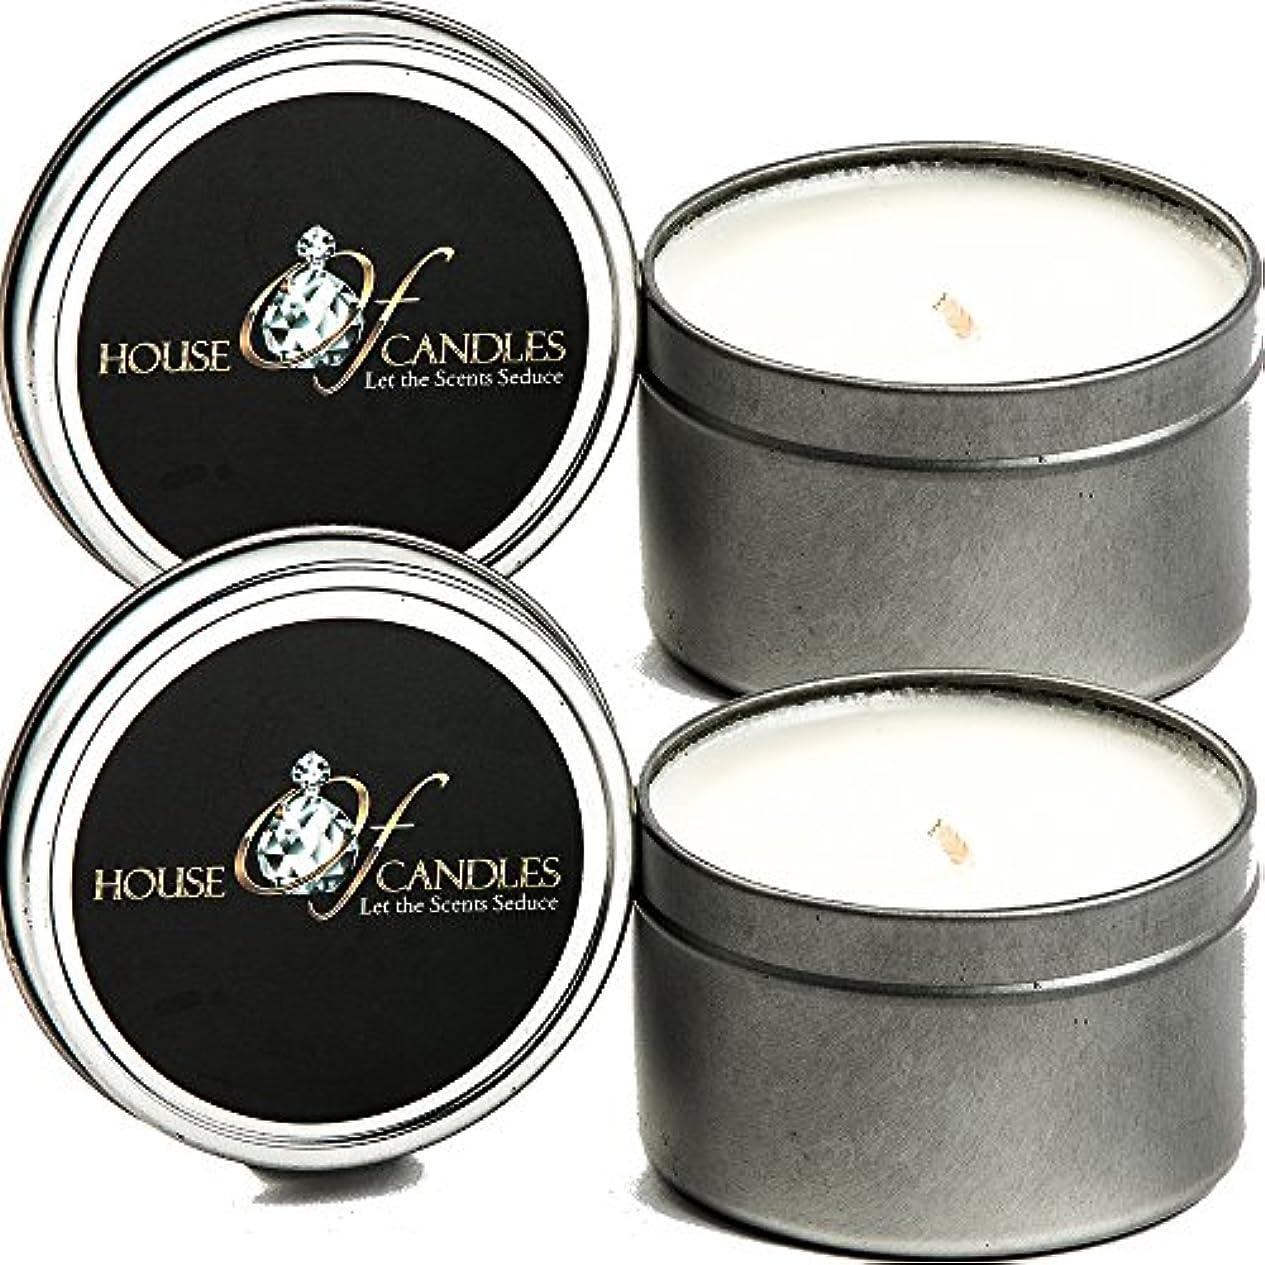 はさみ偽善マイコンCreme Brulee X 2 Ecosoy Scented Candles – Tins – Vegan &虐待フリー